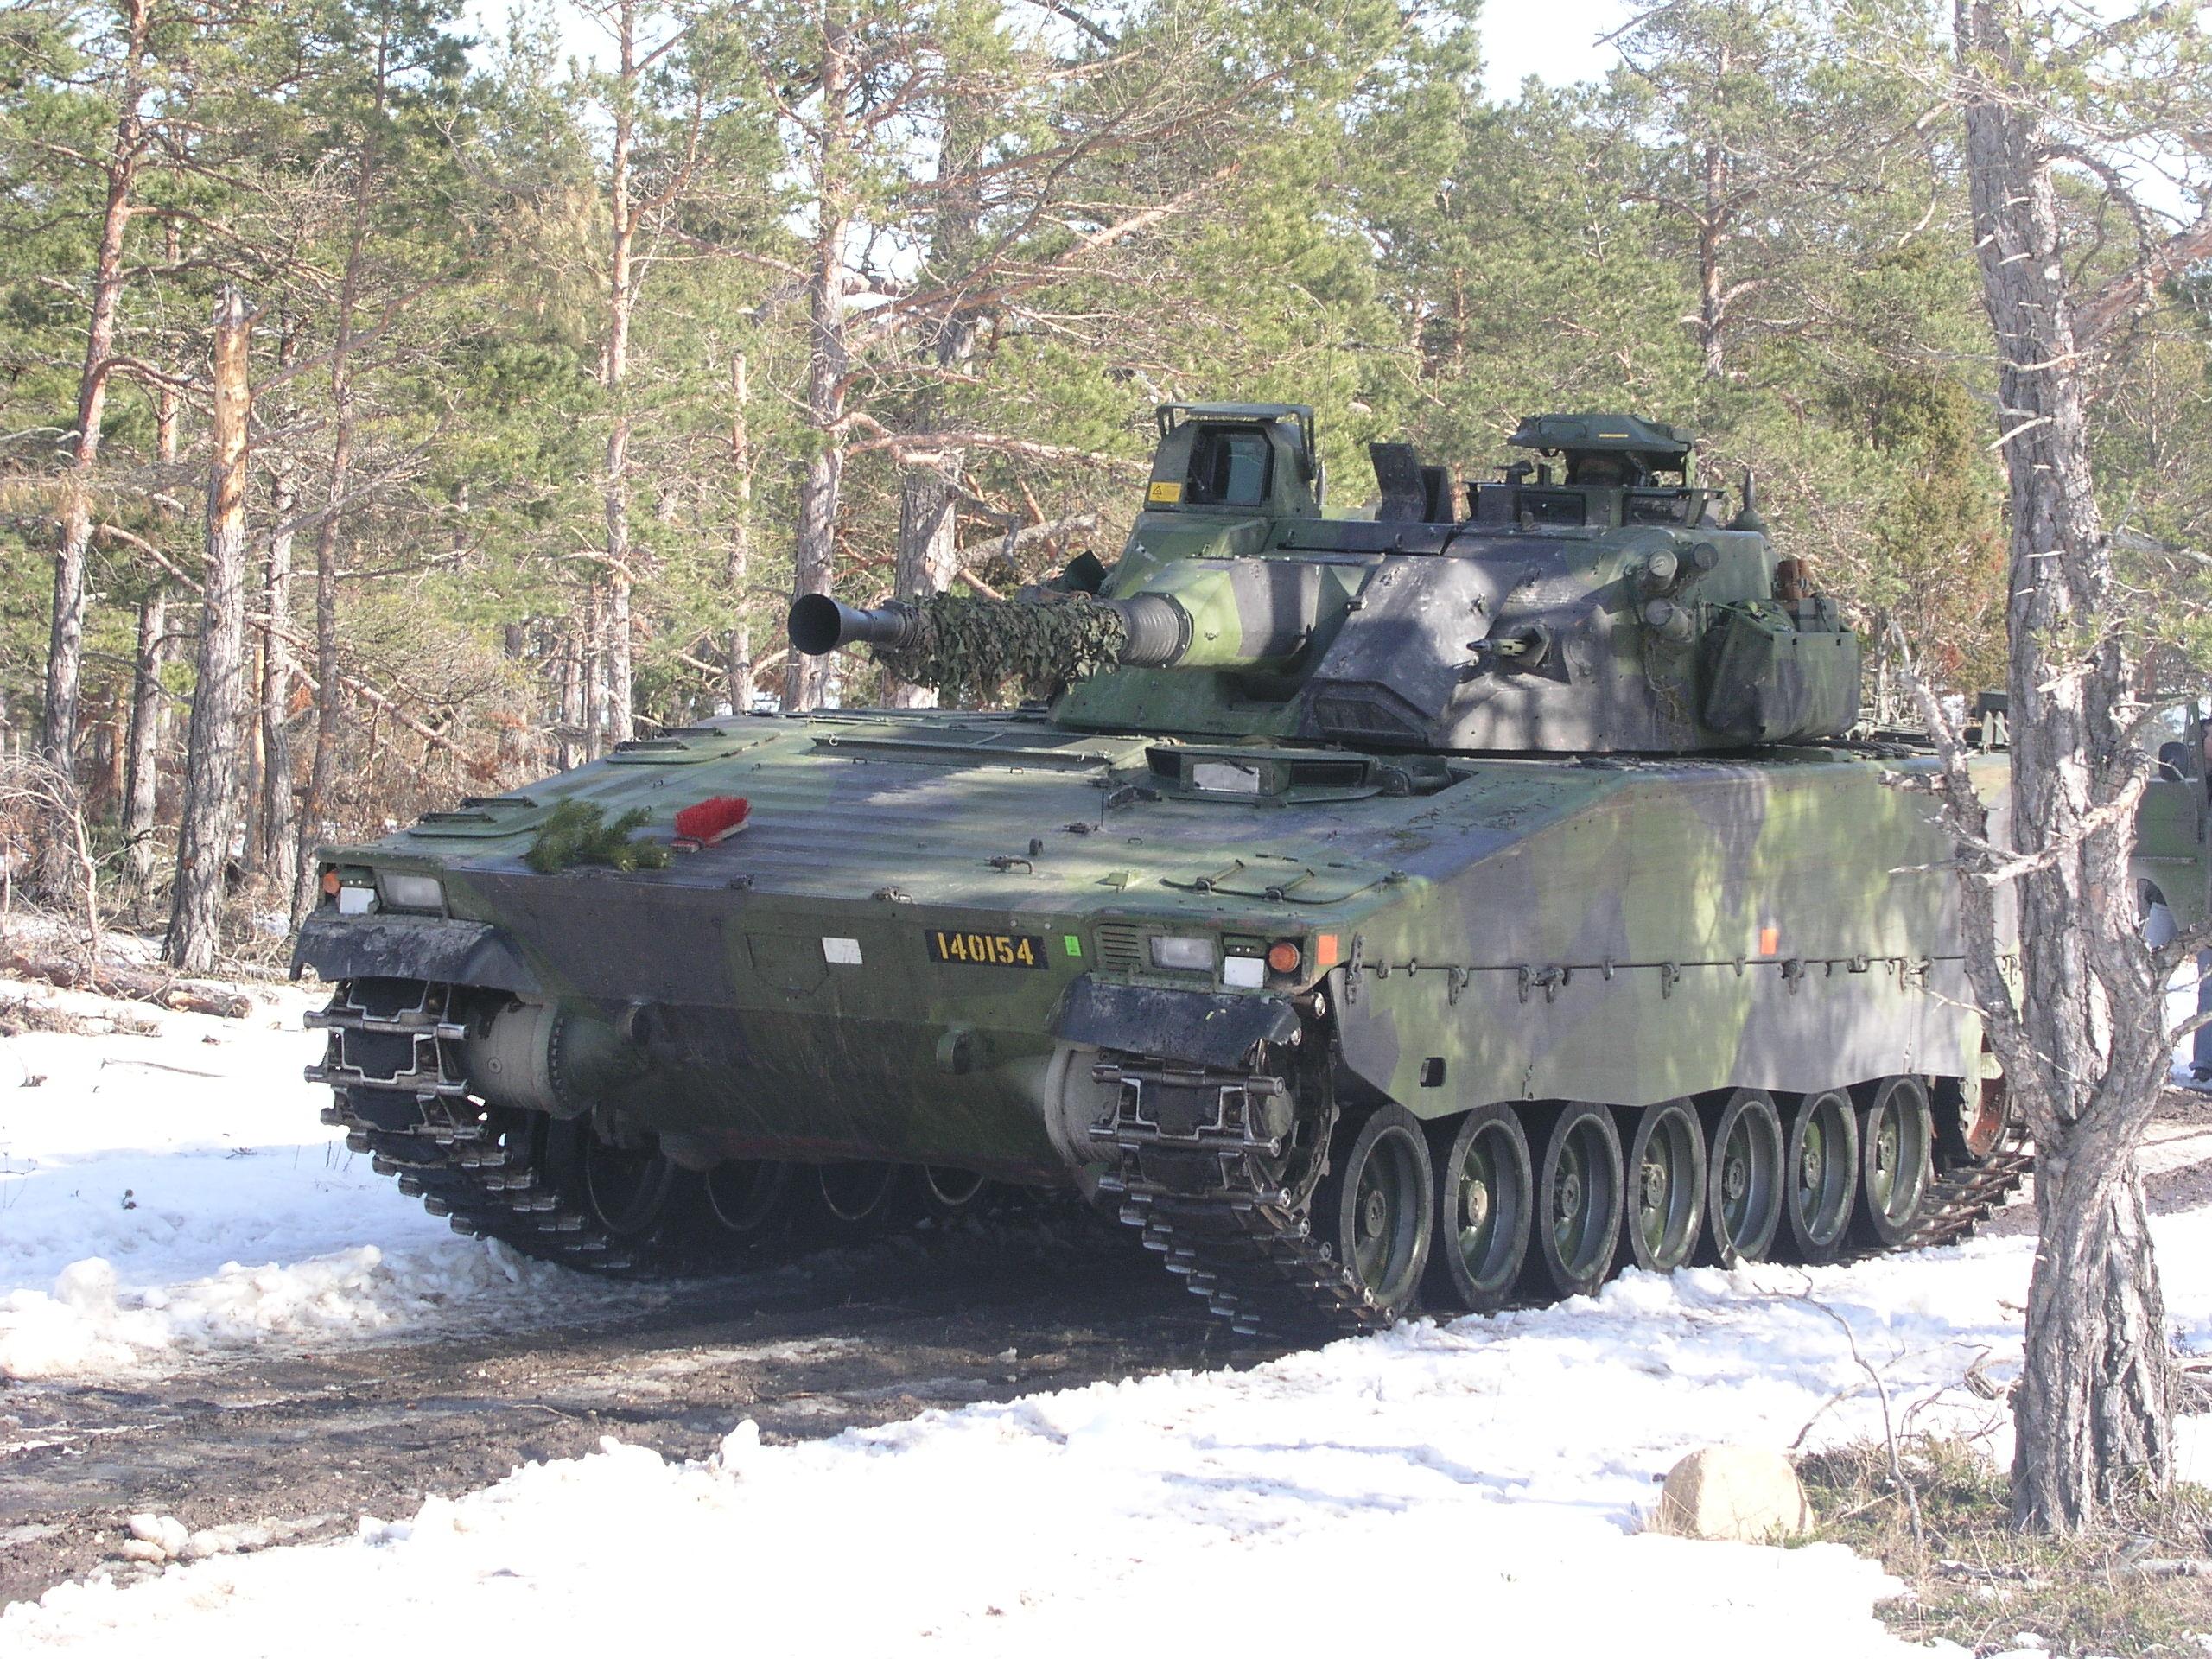 Depiction of CV 90